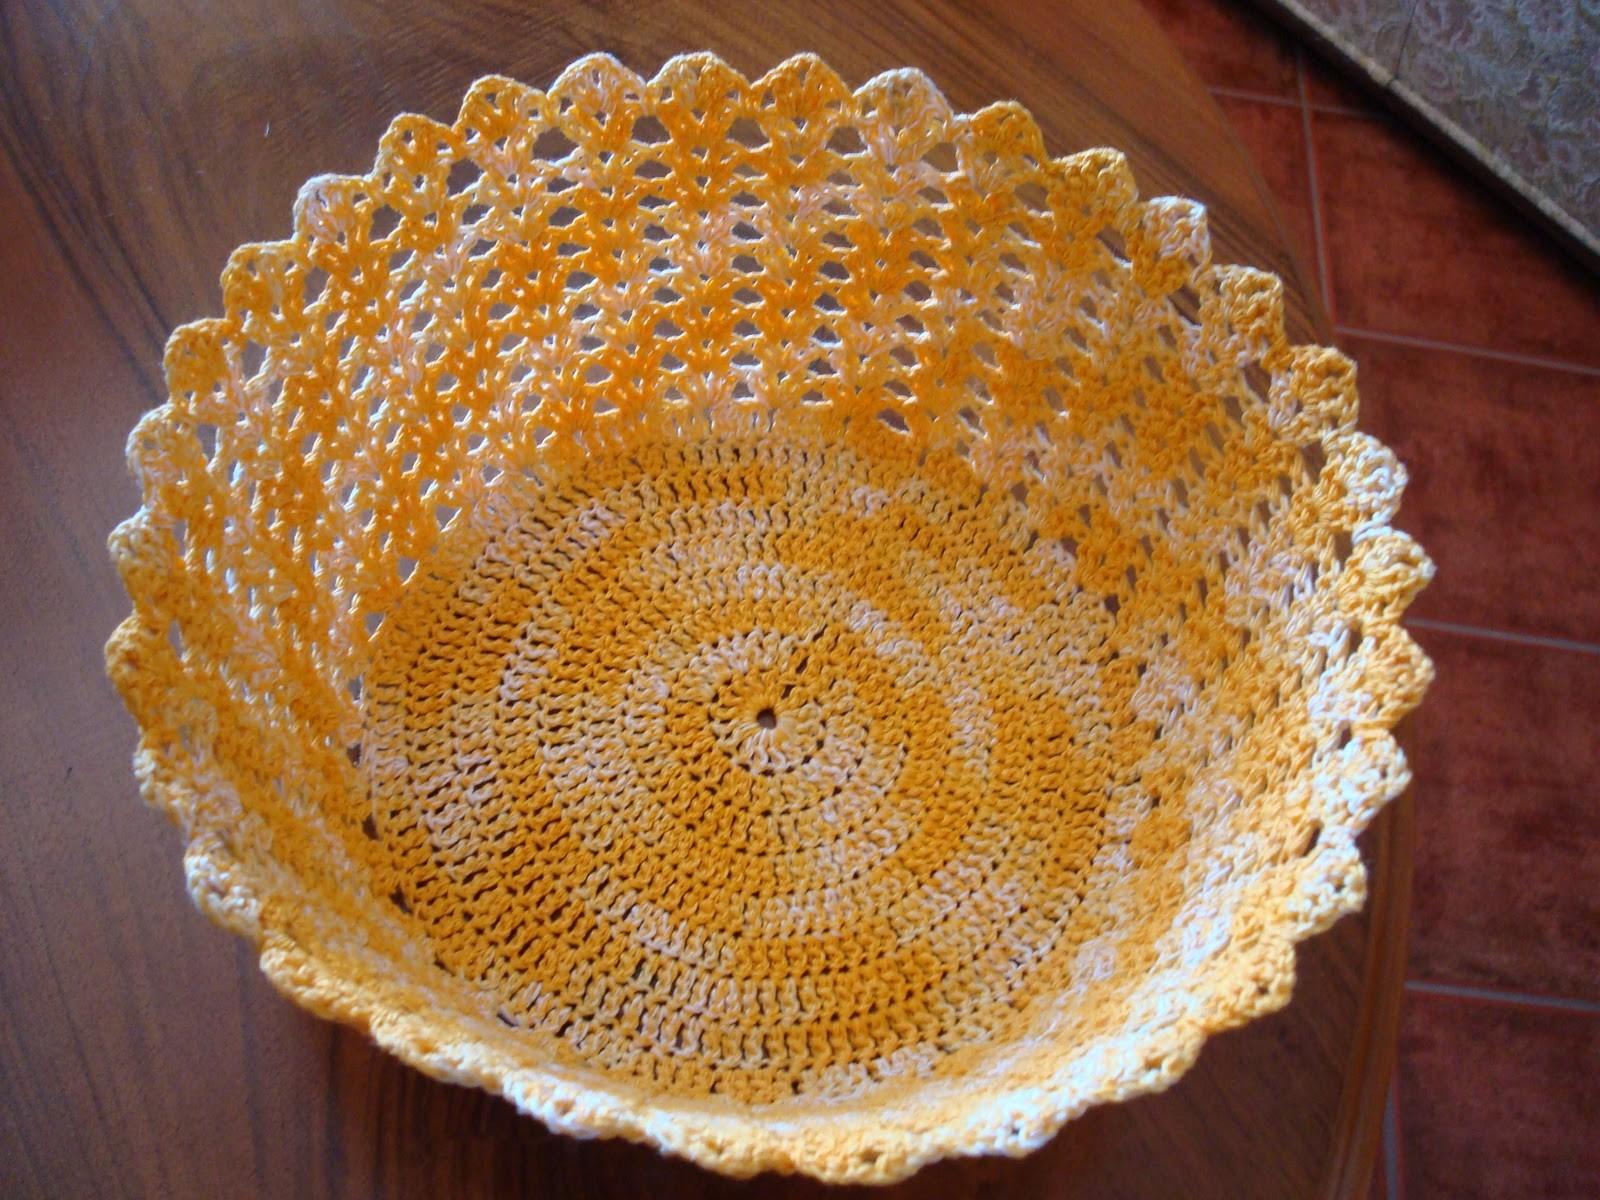 a3180784f4 O Patchwork está em alta no mundinho do artesanato. 15 Artesanatos Em Geral  Fáceis De Fazer de cores tecidos e estampas agradou os artesãos brasileiros  e ...